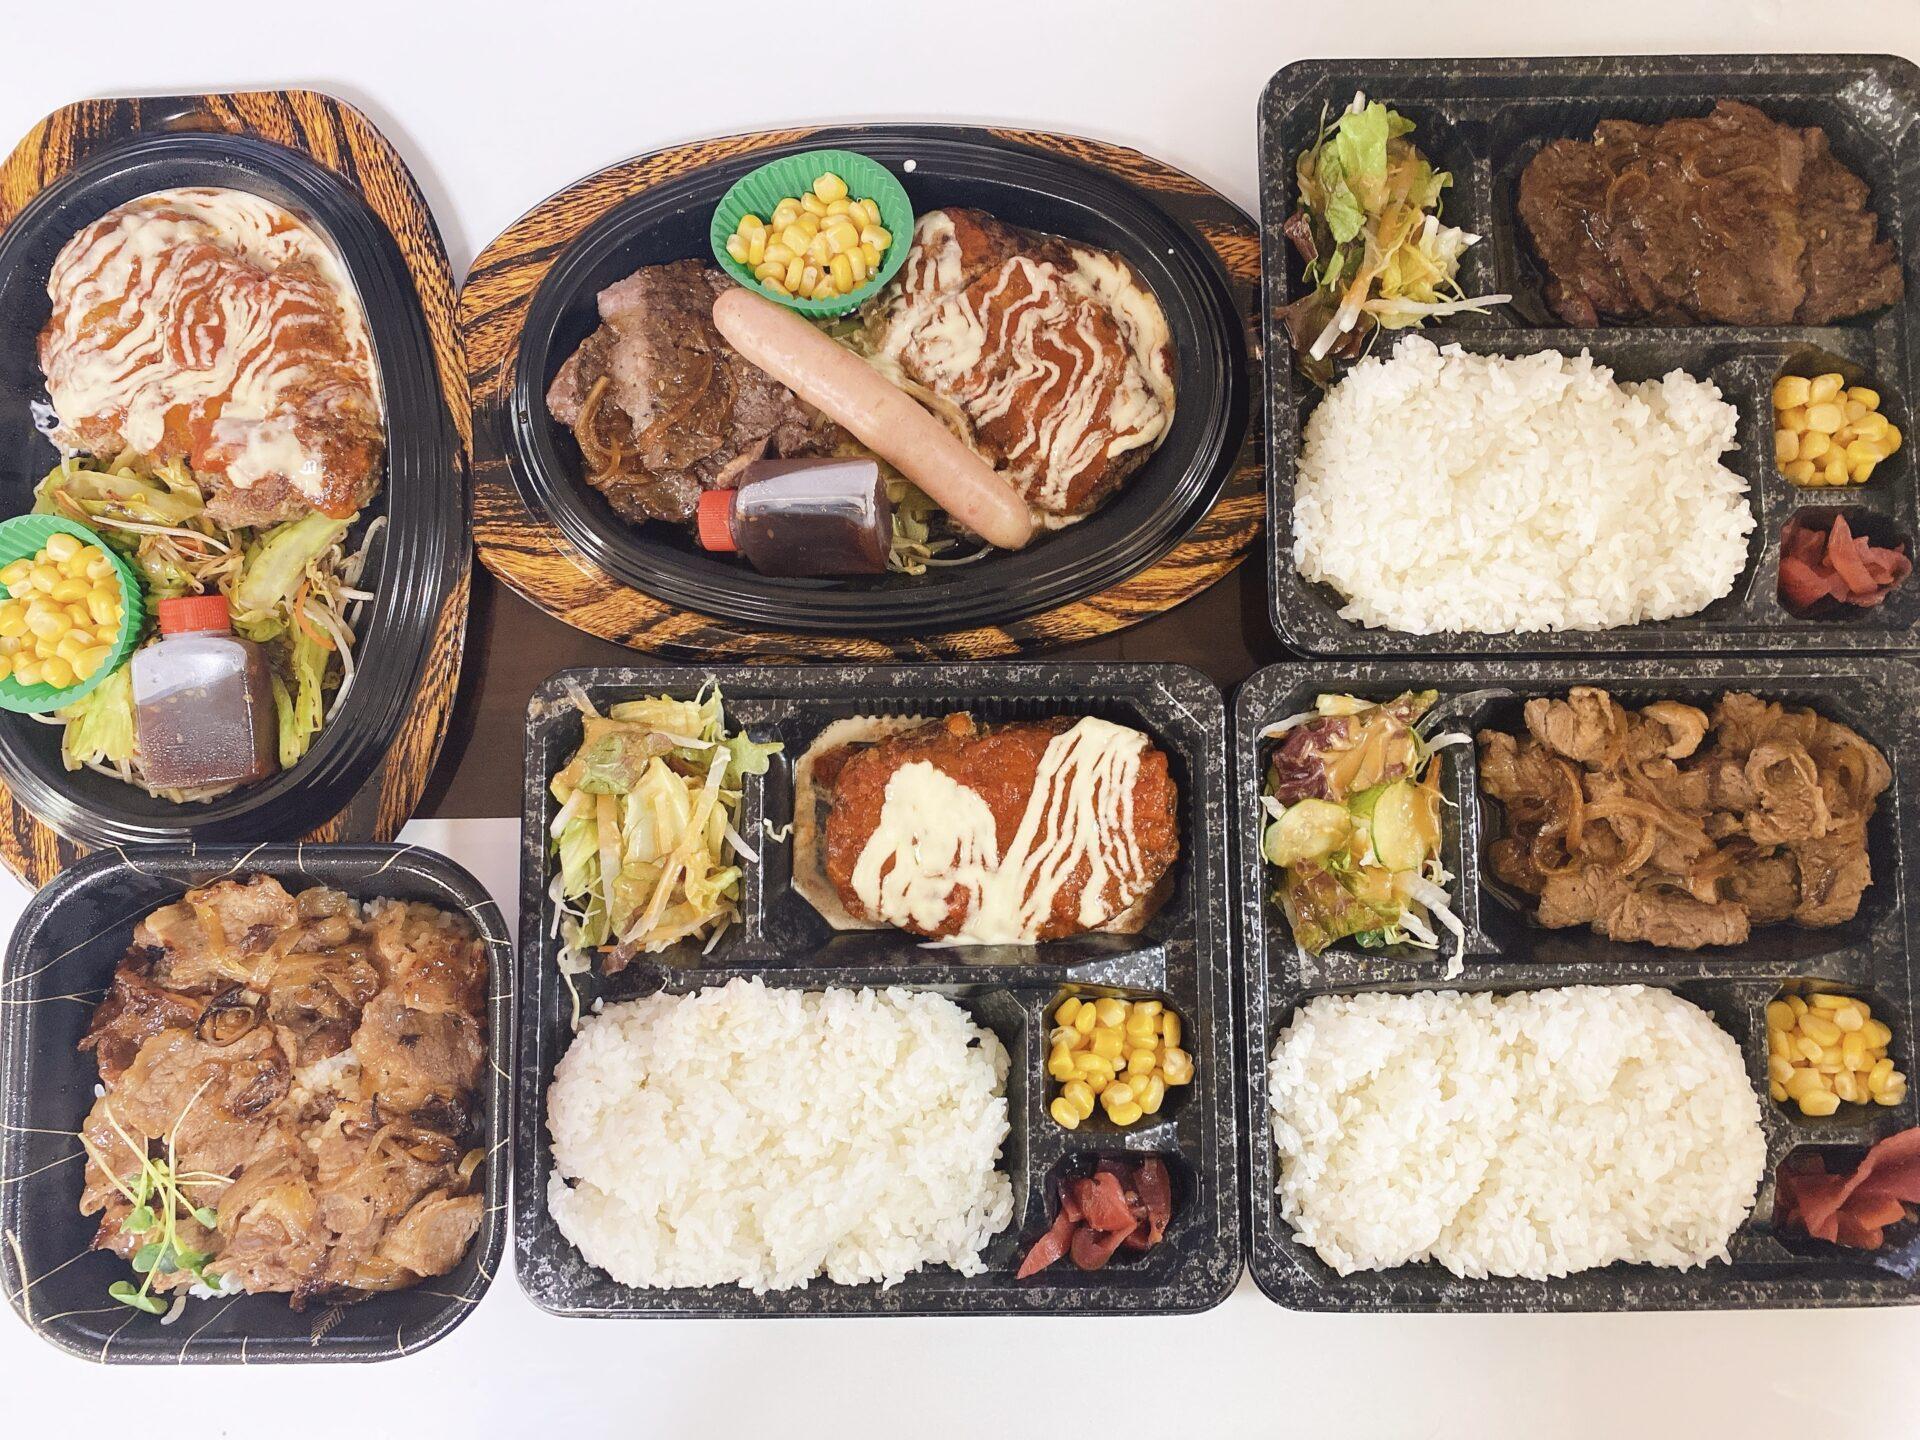 【岡山市中区のテイクアウト】ミスターバーク 岡山東川原店の持ち帰りメニューにて肉祭り!クーポン利用でオトクに!